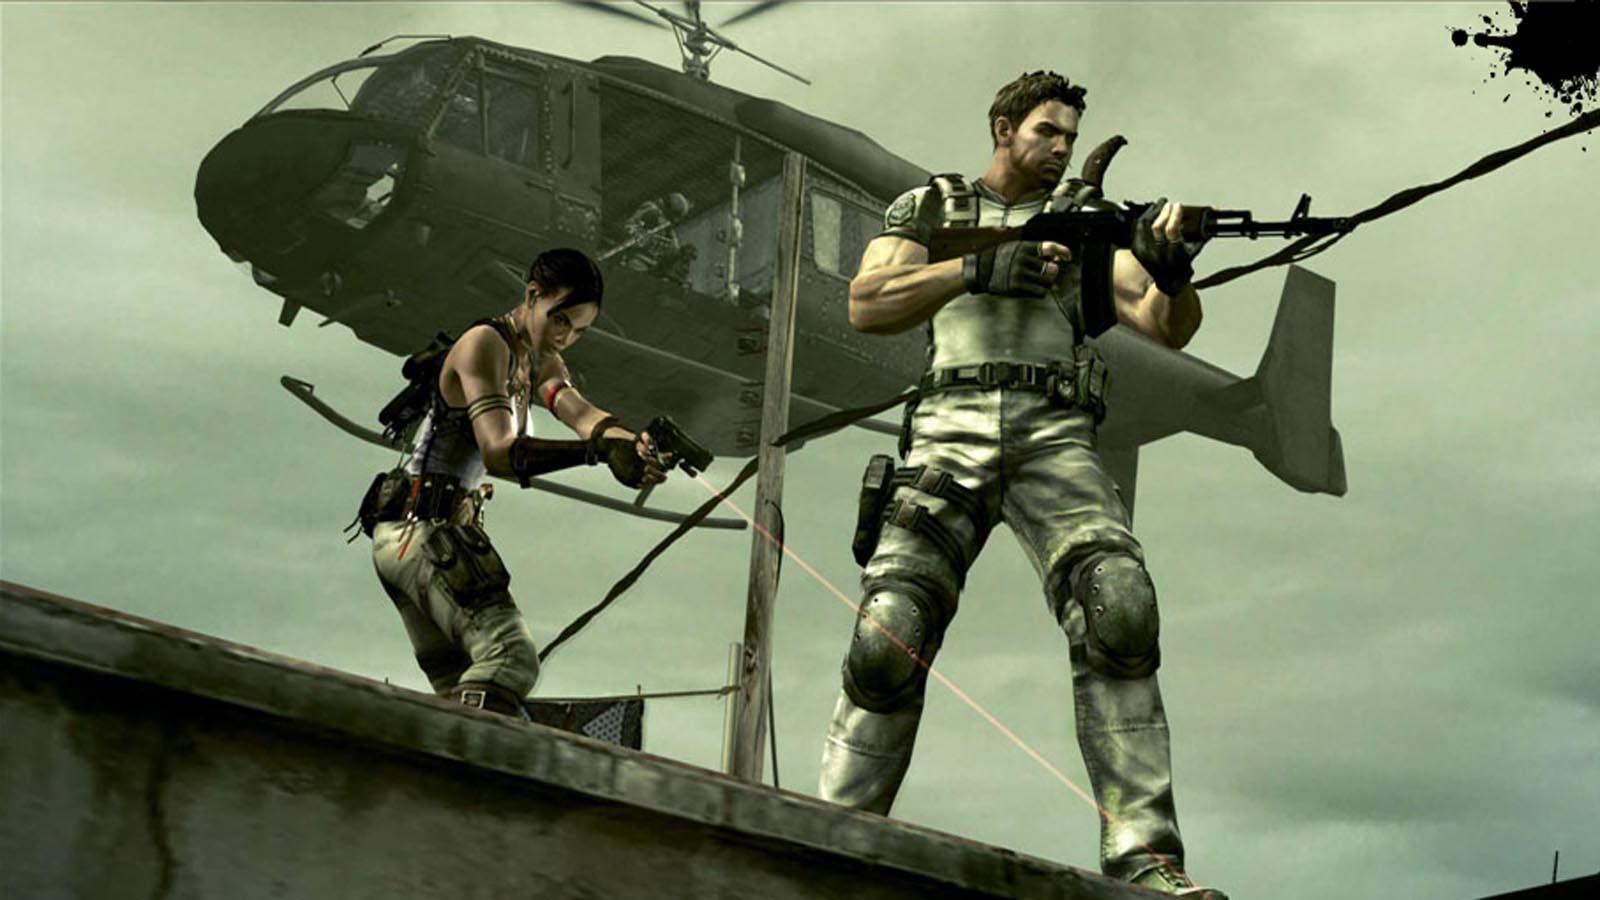 تحميل لعبة Resident Evil 5 مضغوطة كاملة بروابط مباشرة مجانا